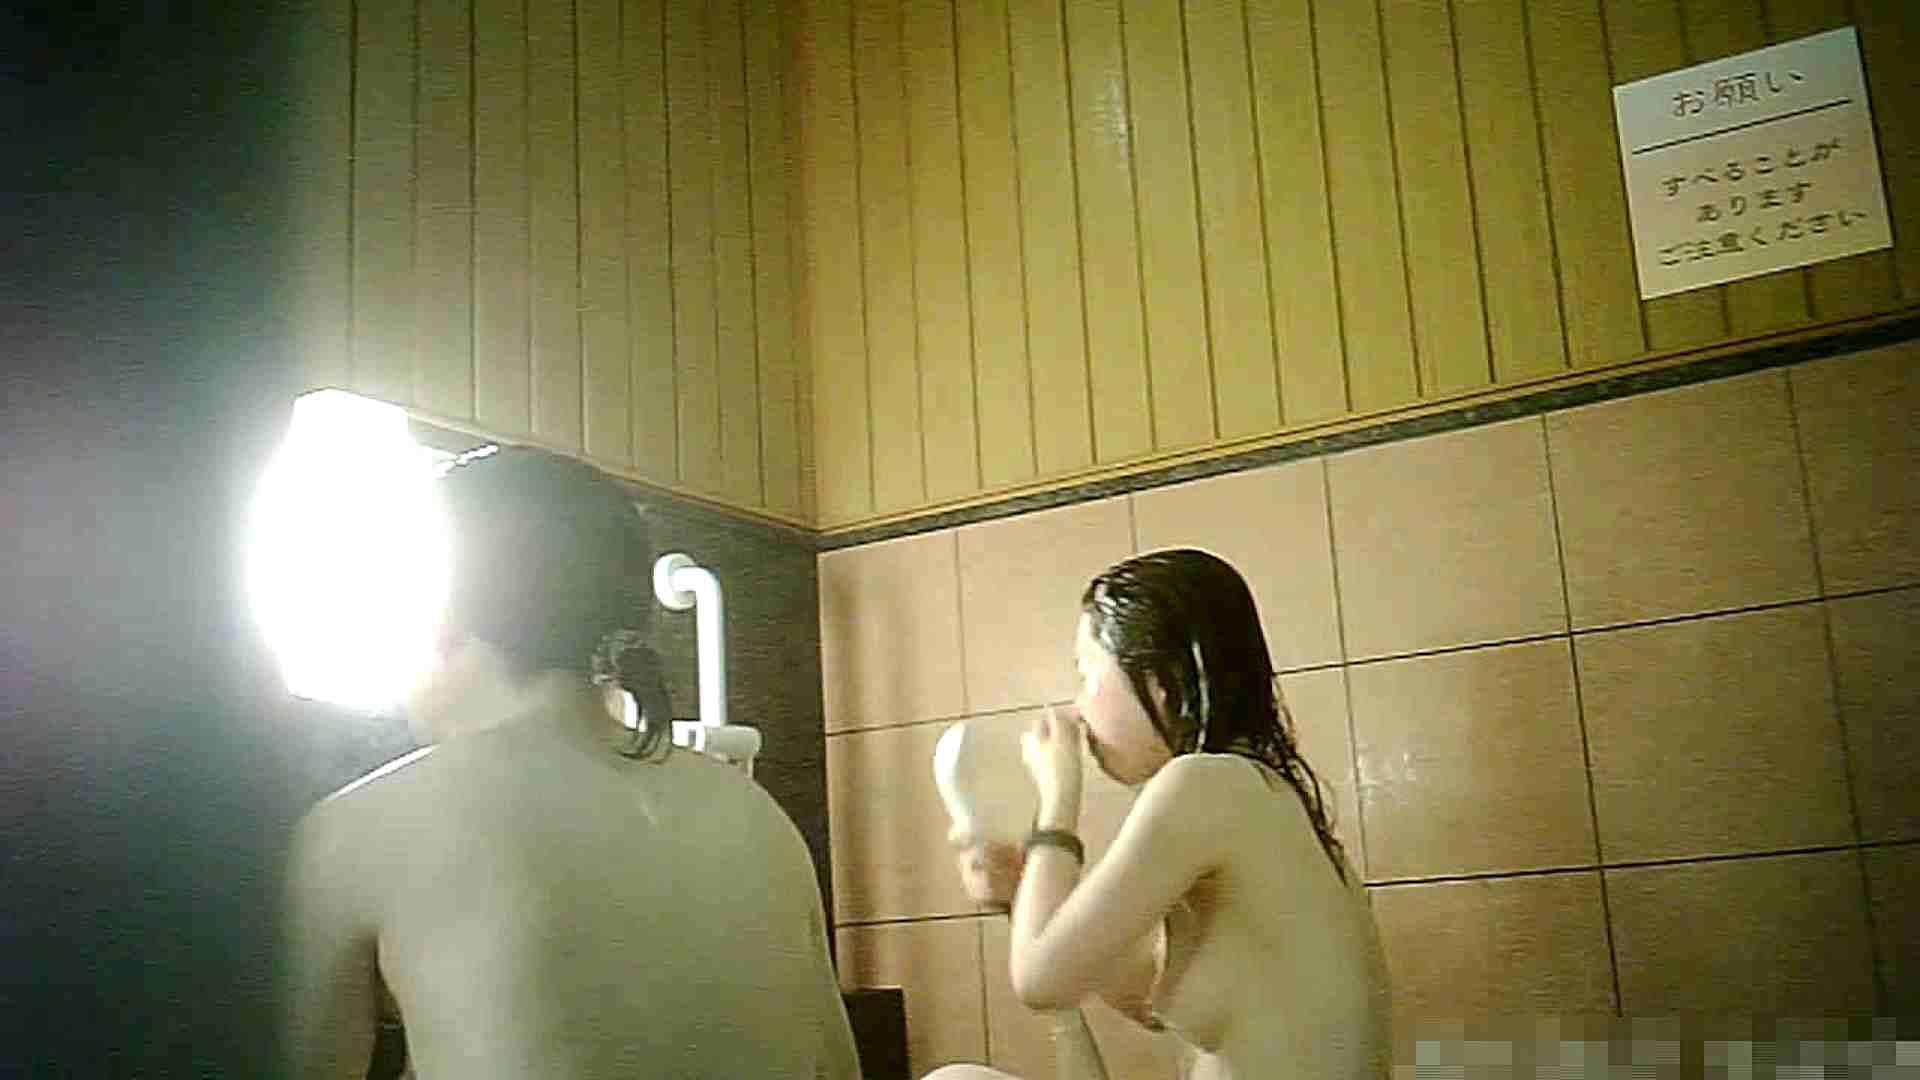 アダルトエロ動画|Vol.43 洗い場!性格の良さそうな二人組、バックショットだけじゃないですよ!|怪盗ジョーカー